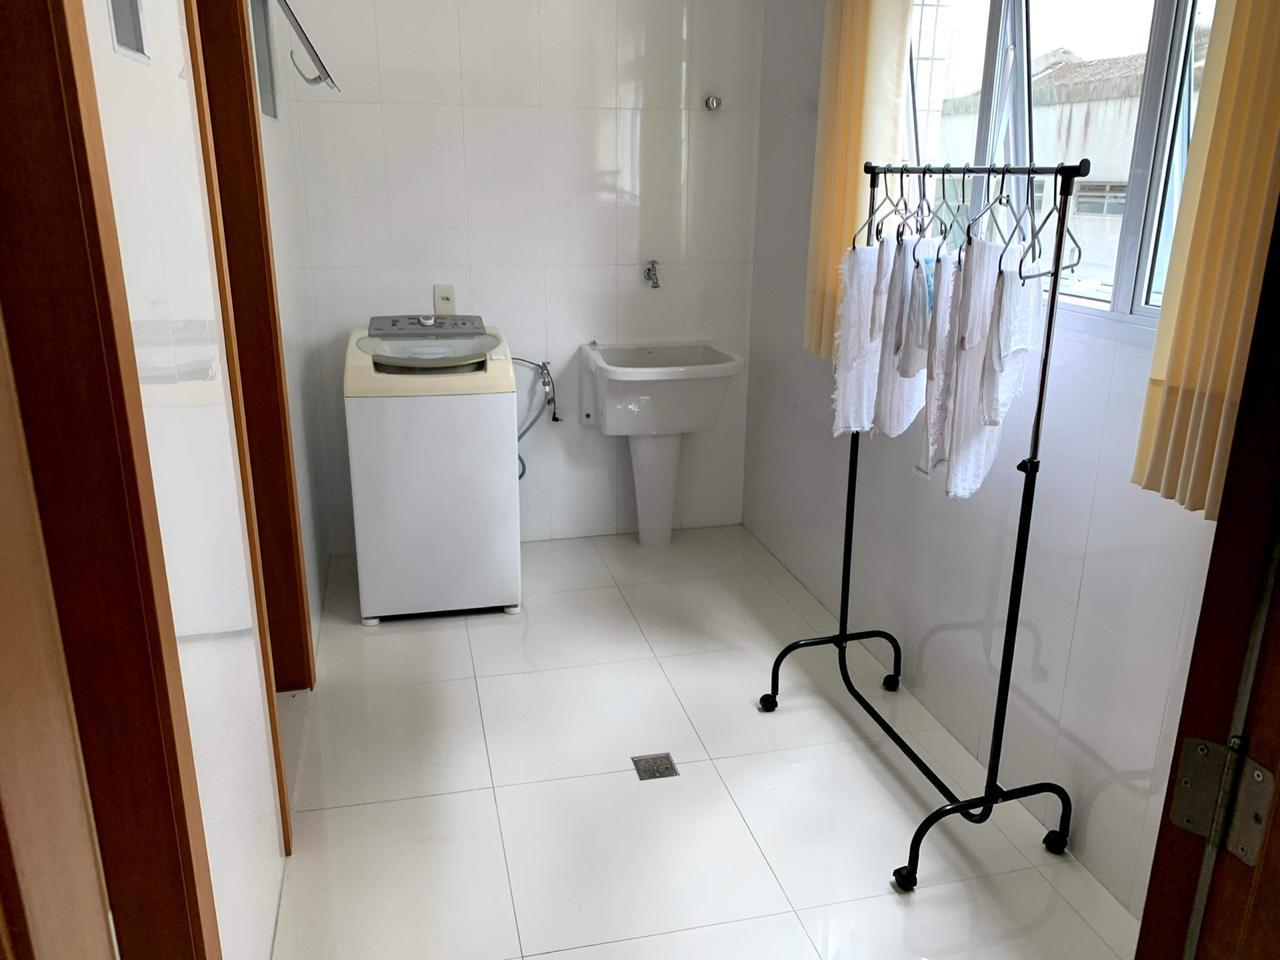 Excelente semi novo apartamento com 160m, uma quadra da Praia, Duas vagas de garagem, 3 suítes - foto 15